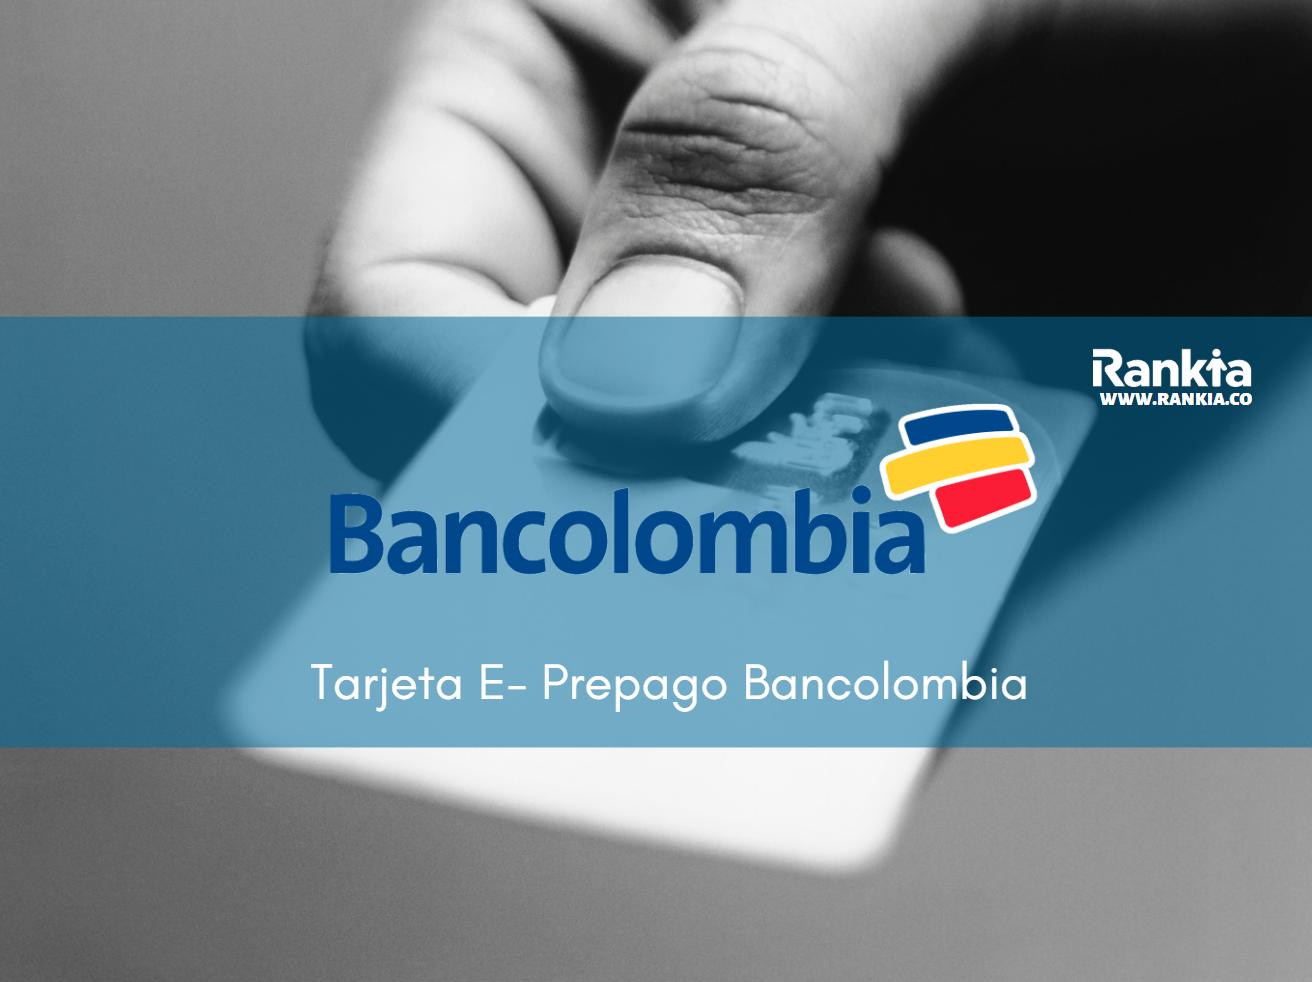 Tarjeta E-prepago Bancolombia: virtual, cómo usar y cómo recargar